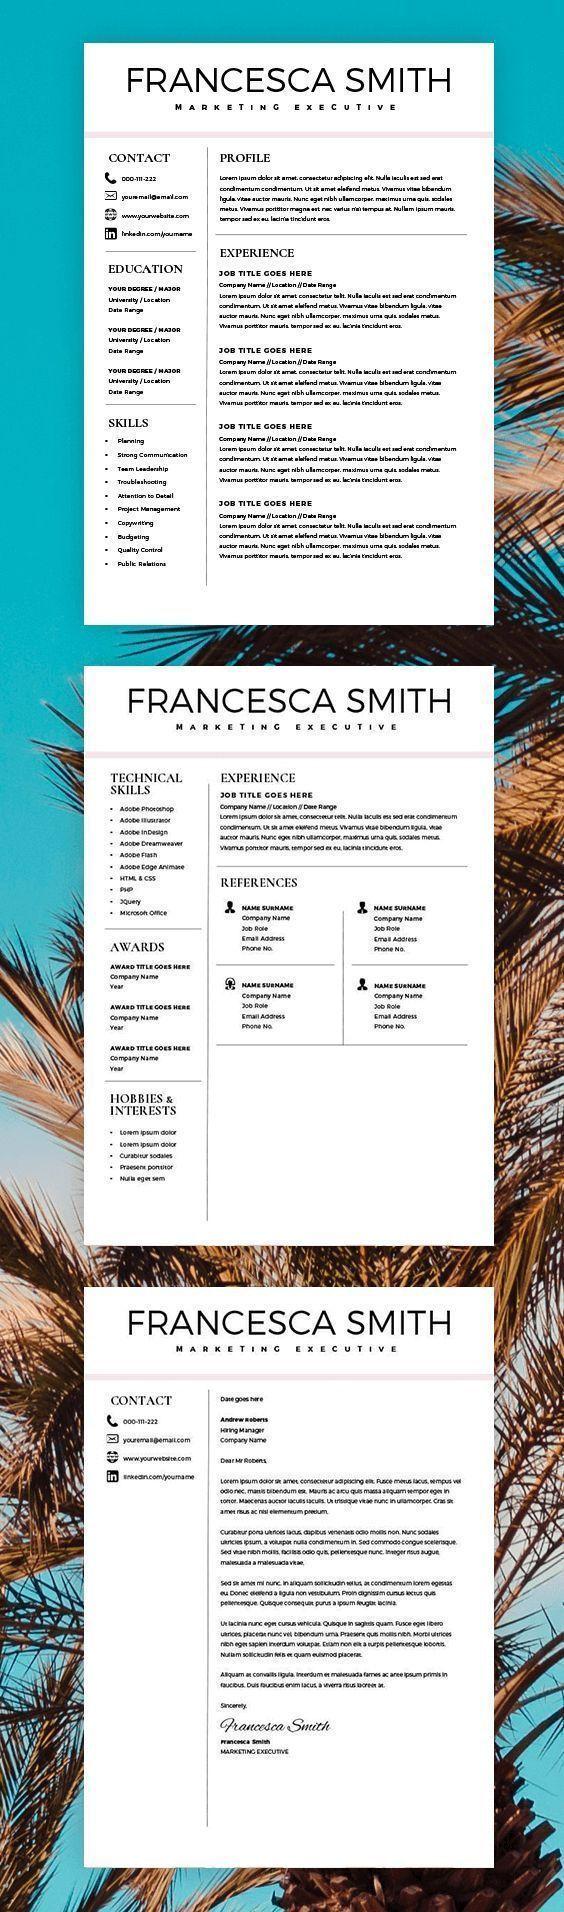 Feminine Resume - CV design - Resume Download - MS Word Resume for ...